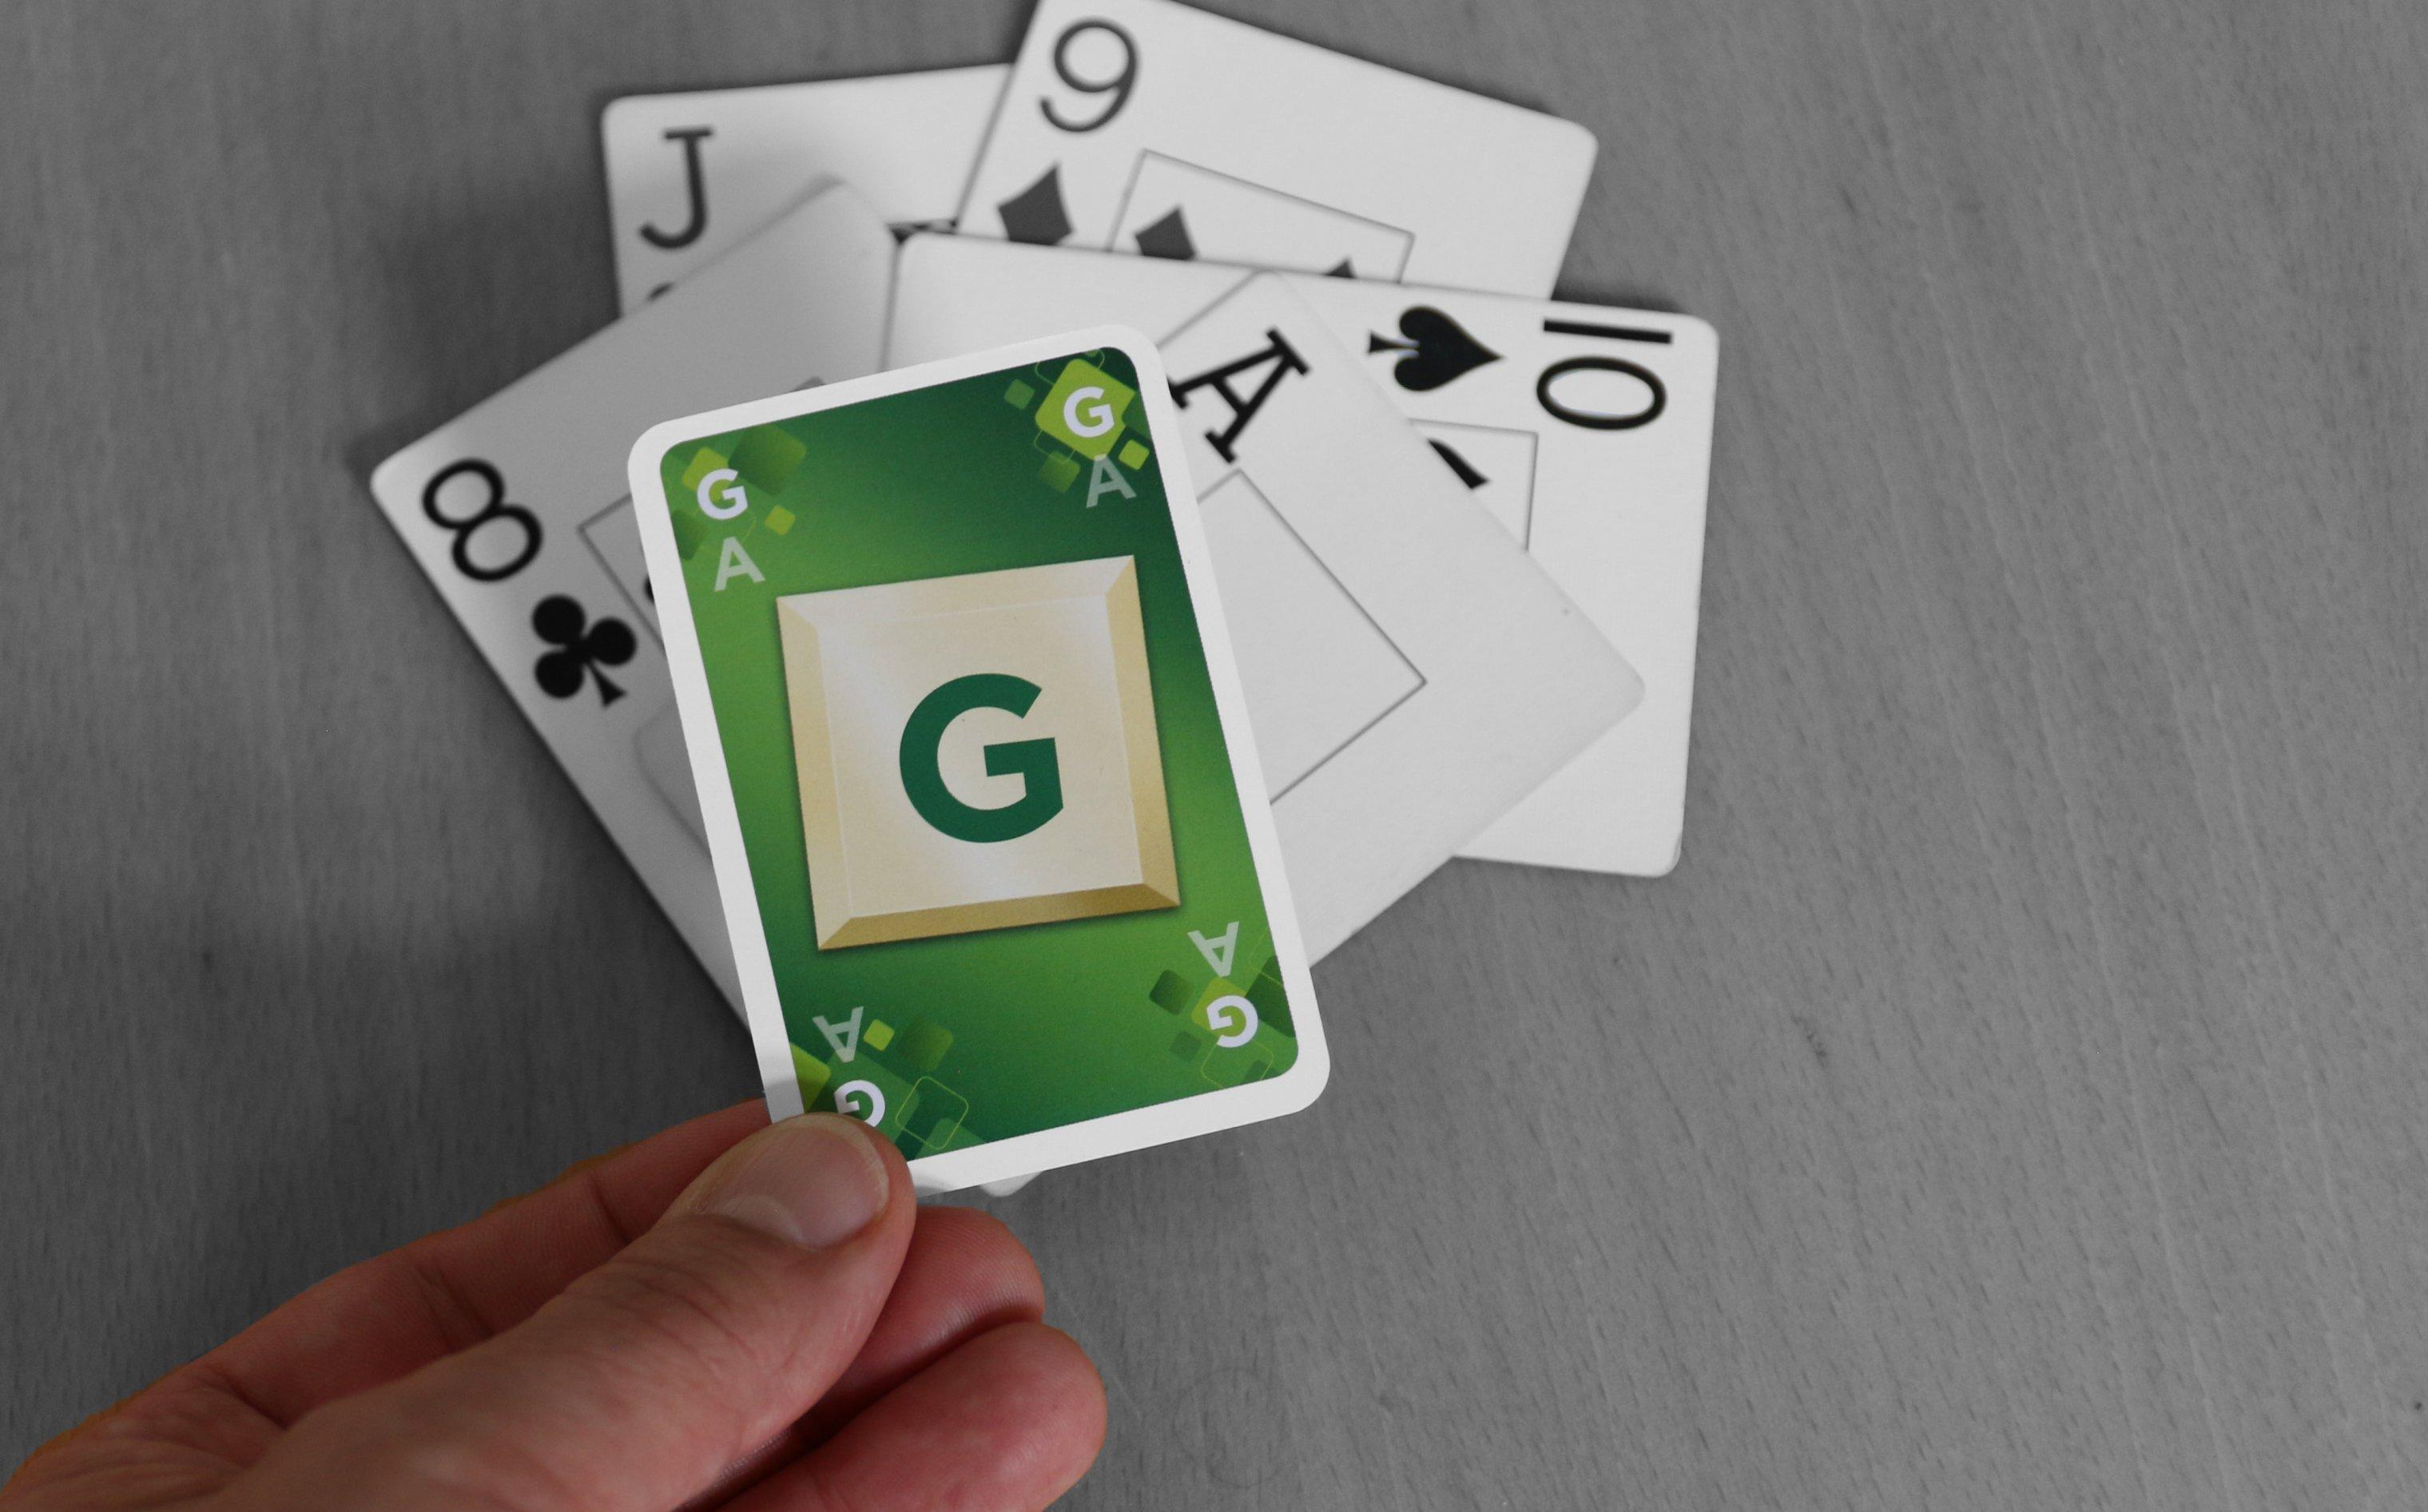 Auf einen Tisch liegen fünf Spielkarten. Eine Hand legt eine sechste Karte darauf. Sie gehört aber nicht zu einem normalen Kartenspiel, sondern ist leuchtend grün und zeigt ein großes G. Die Tischoberfläche und die Karten darauf sind hingegen in schwarz-weiß gehalten. – Ein grüner Trumpf für einen grauen Stich.